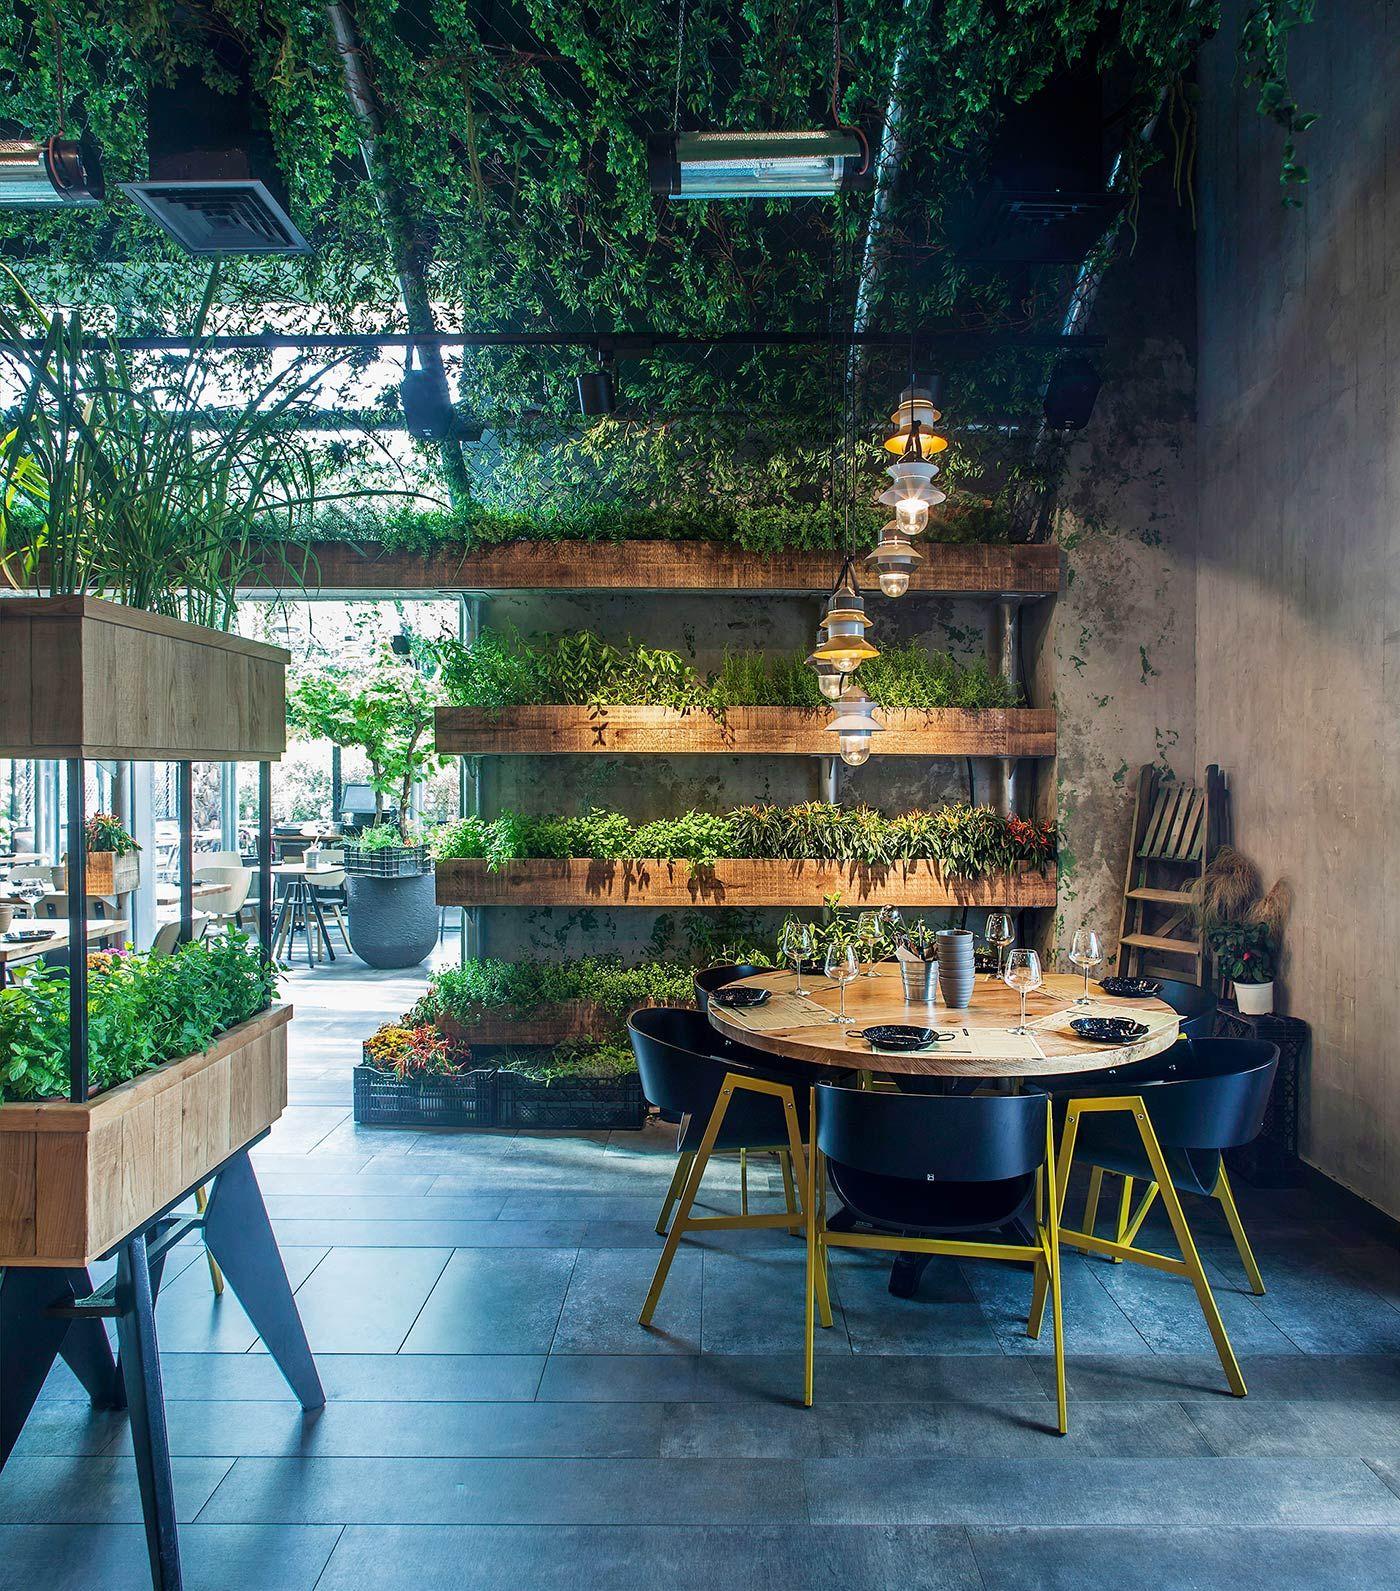 Segev Kitchen Garden Restaurant in Israel Home Greens